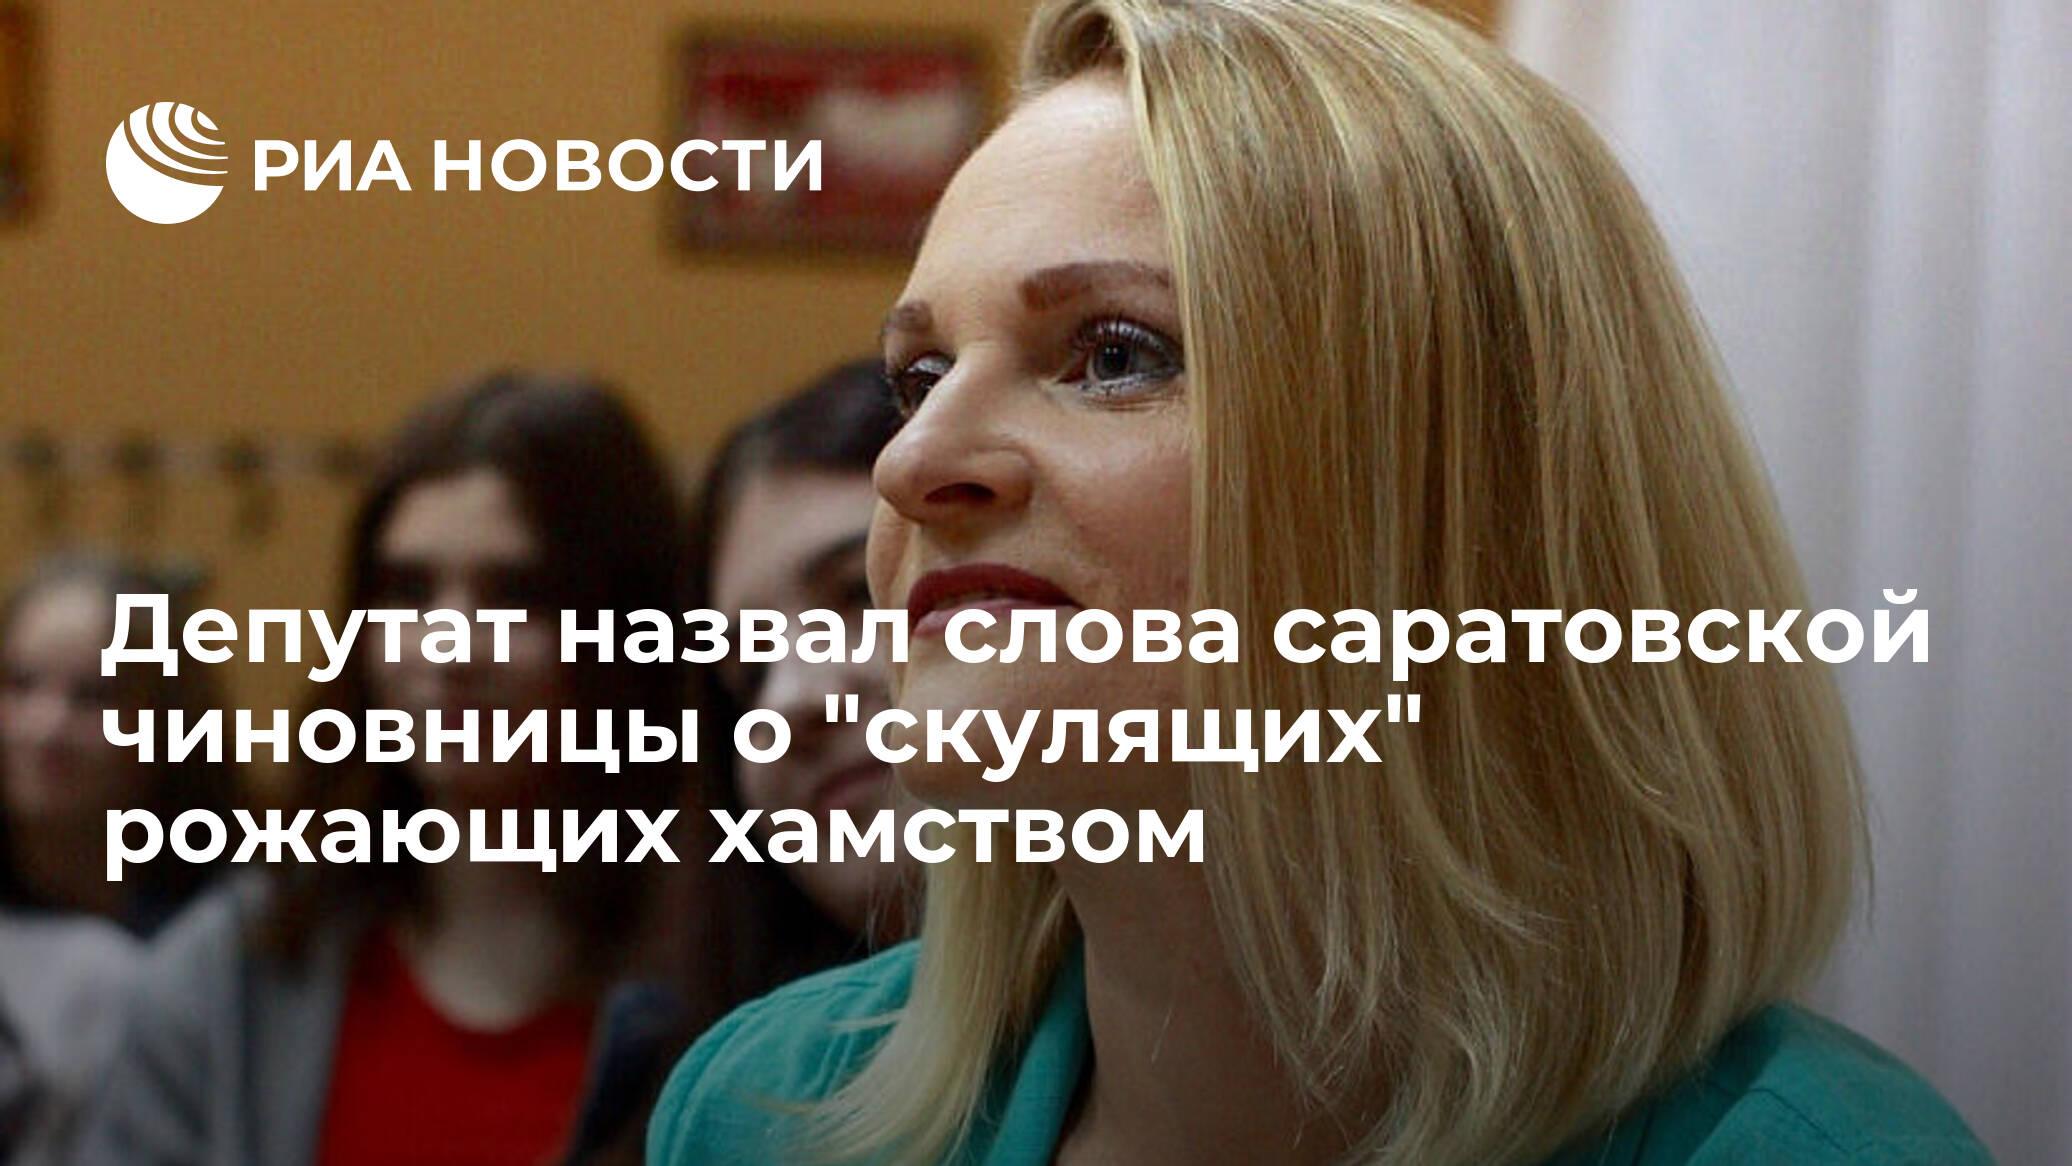 """Депутат назвал слова саратовской чиновницы о """"скулящих ..."""